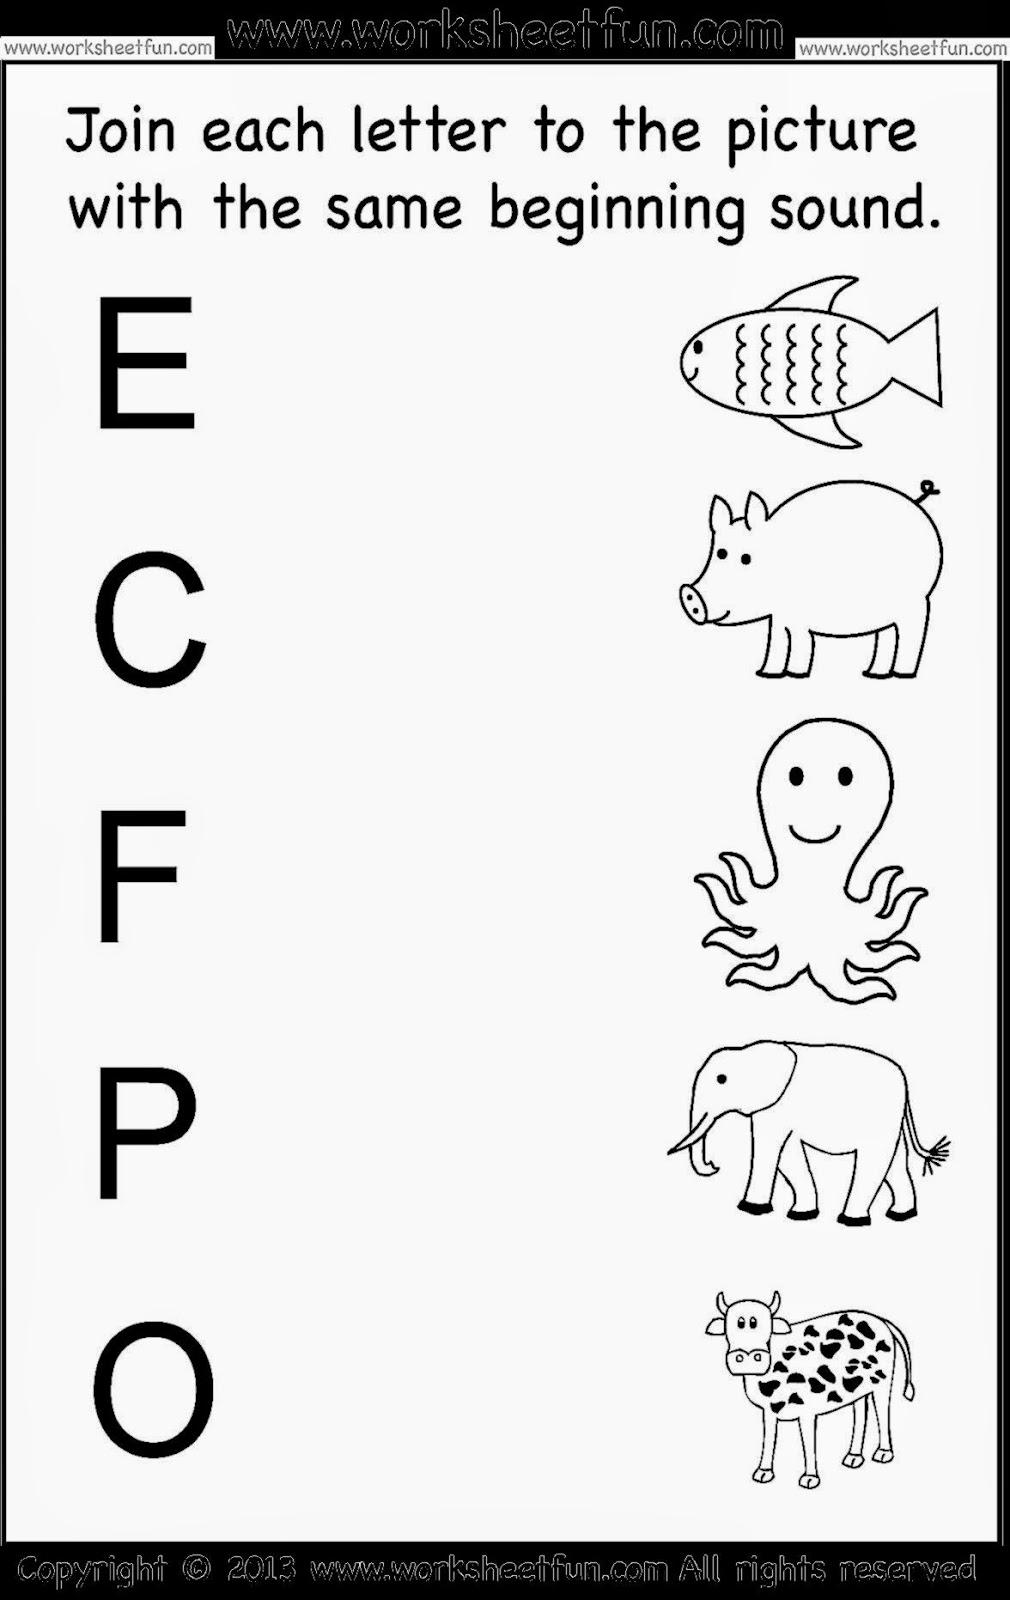 worksheet Worksheet Fun Luizah Worksheet And Essay Site For – Worksheet Fun